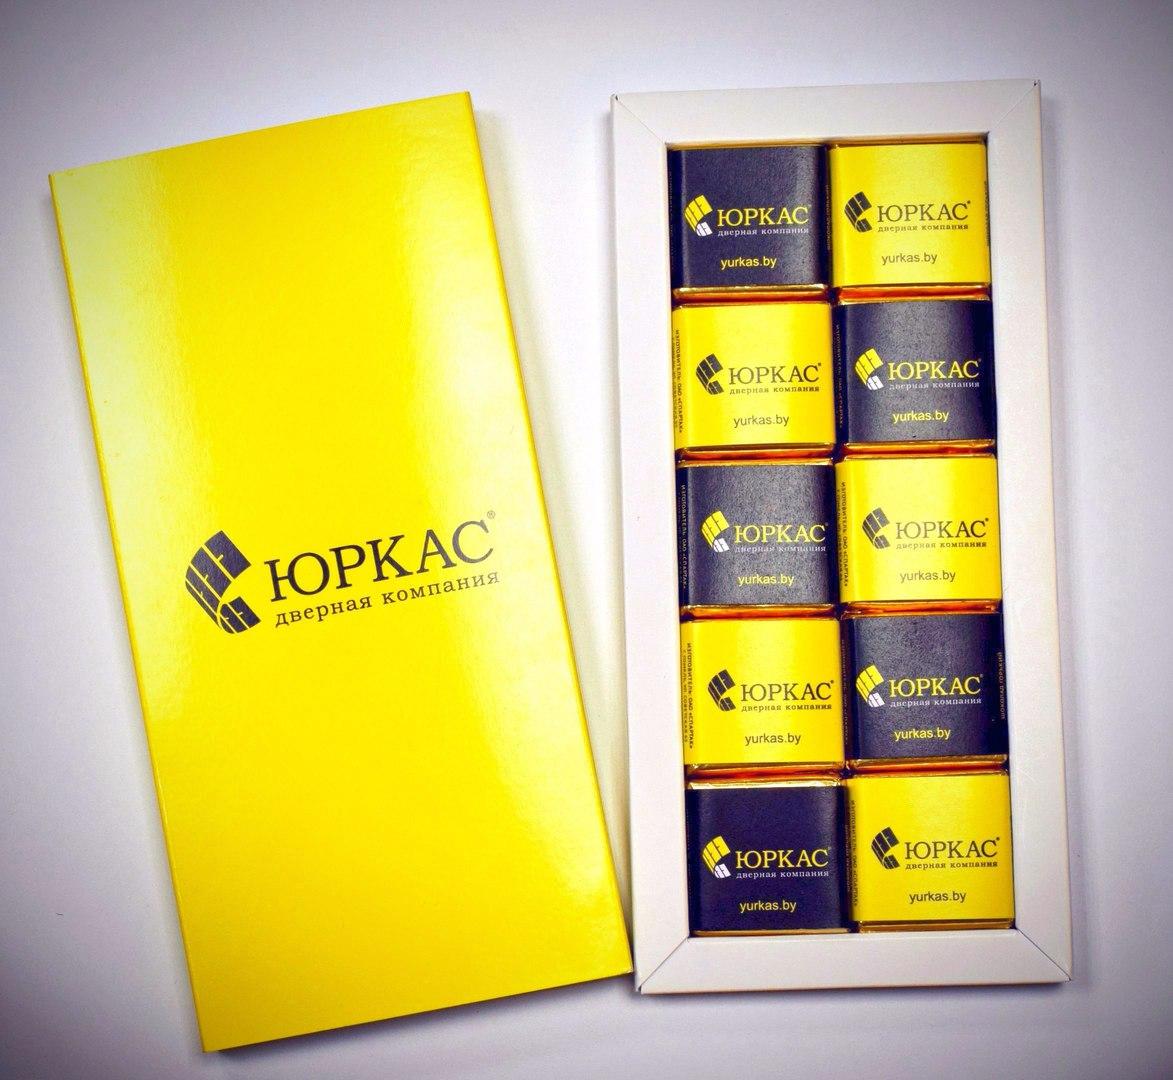 Именной шоколад для близких, коллег и партнеров по бизнесу от 0,14 руб/шт.